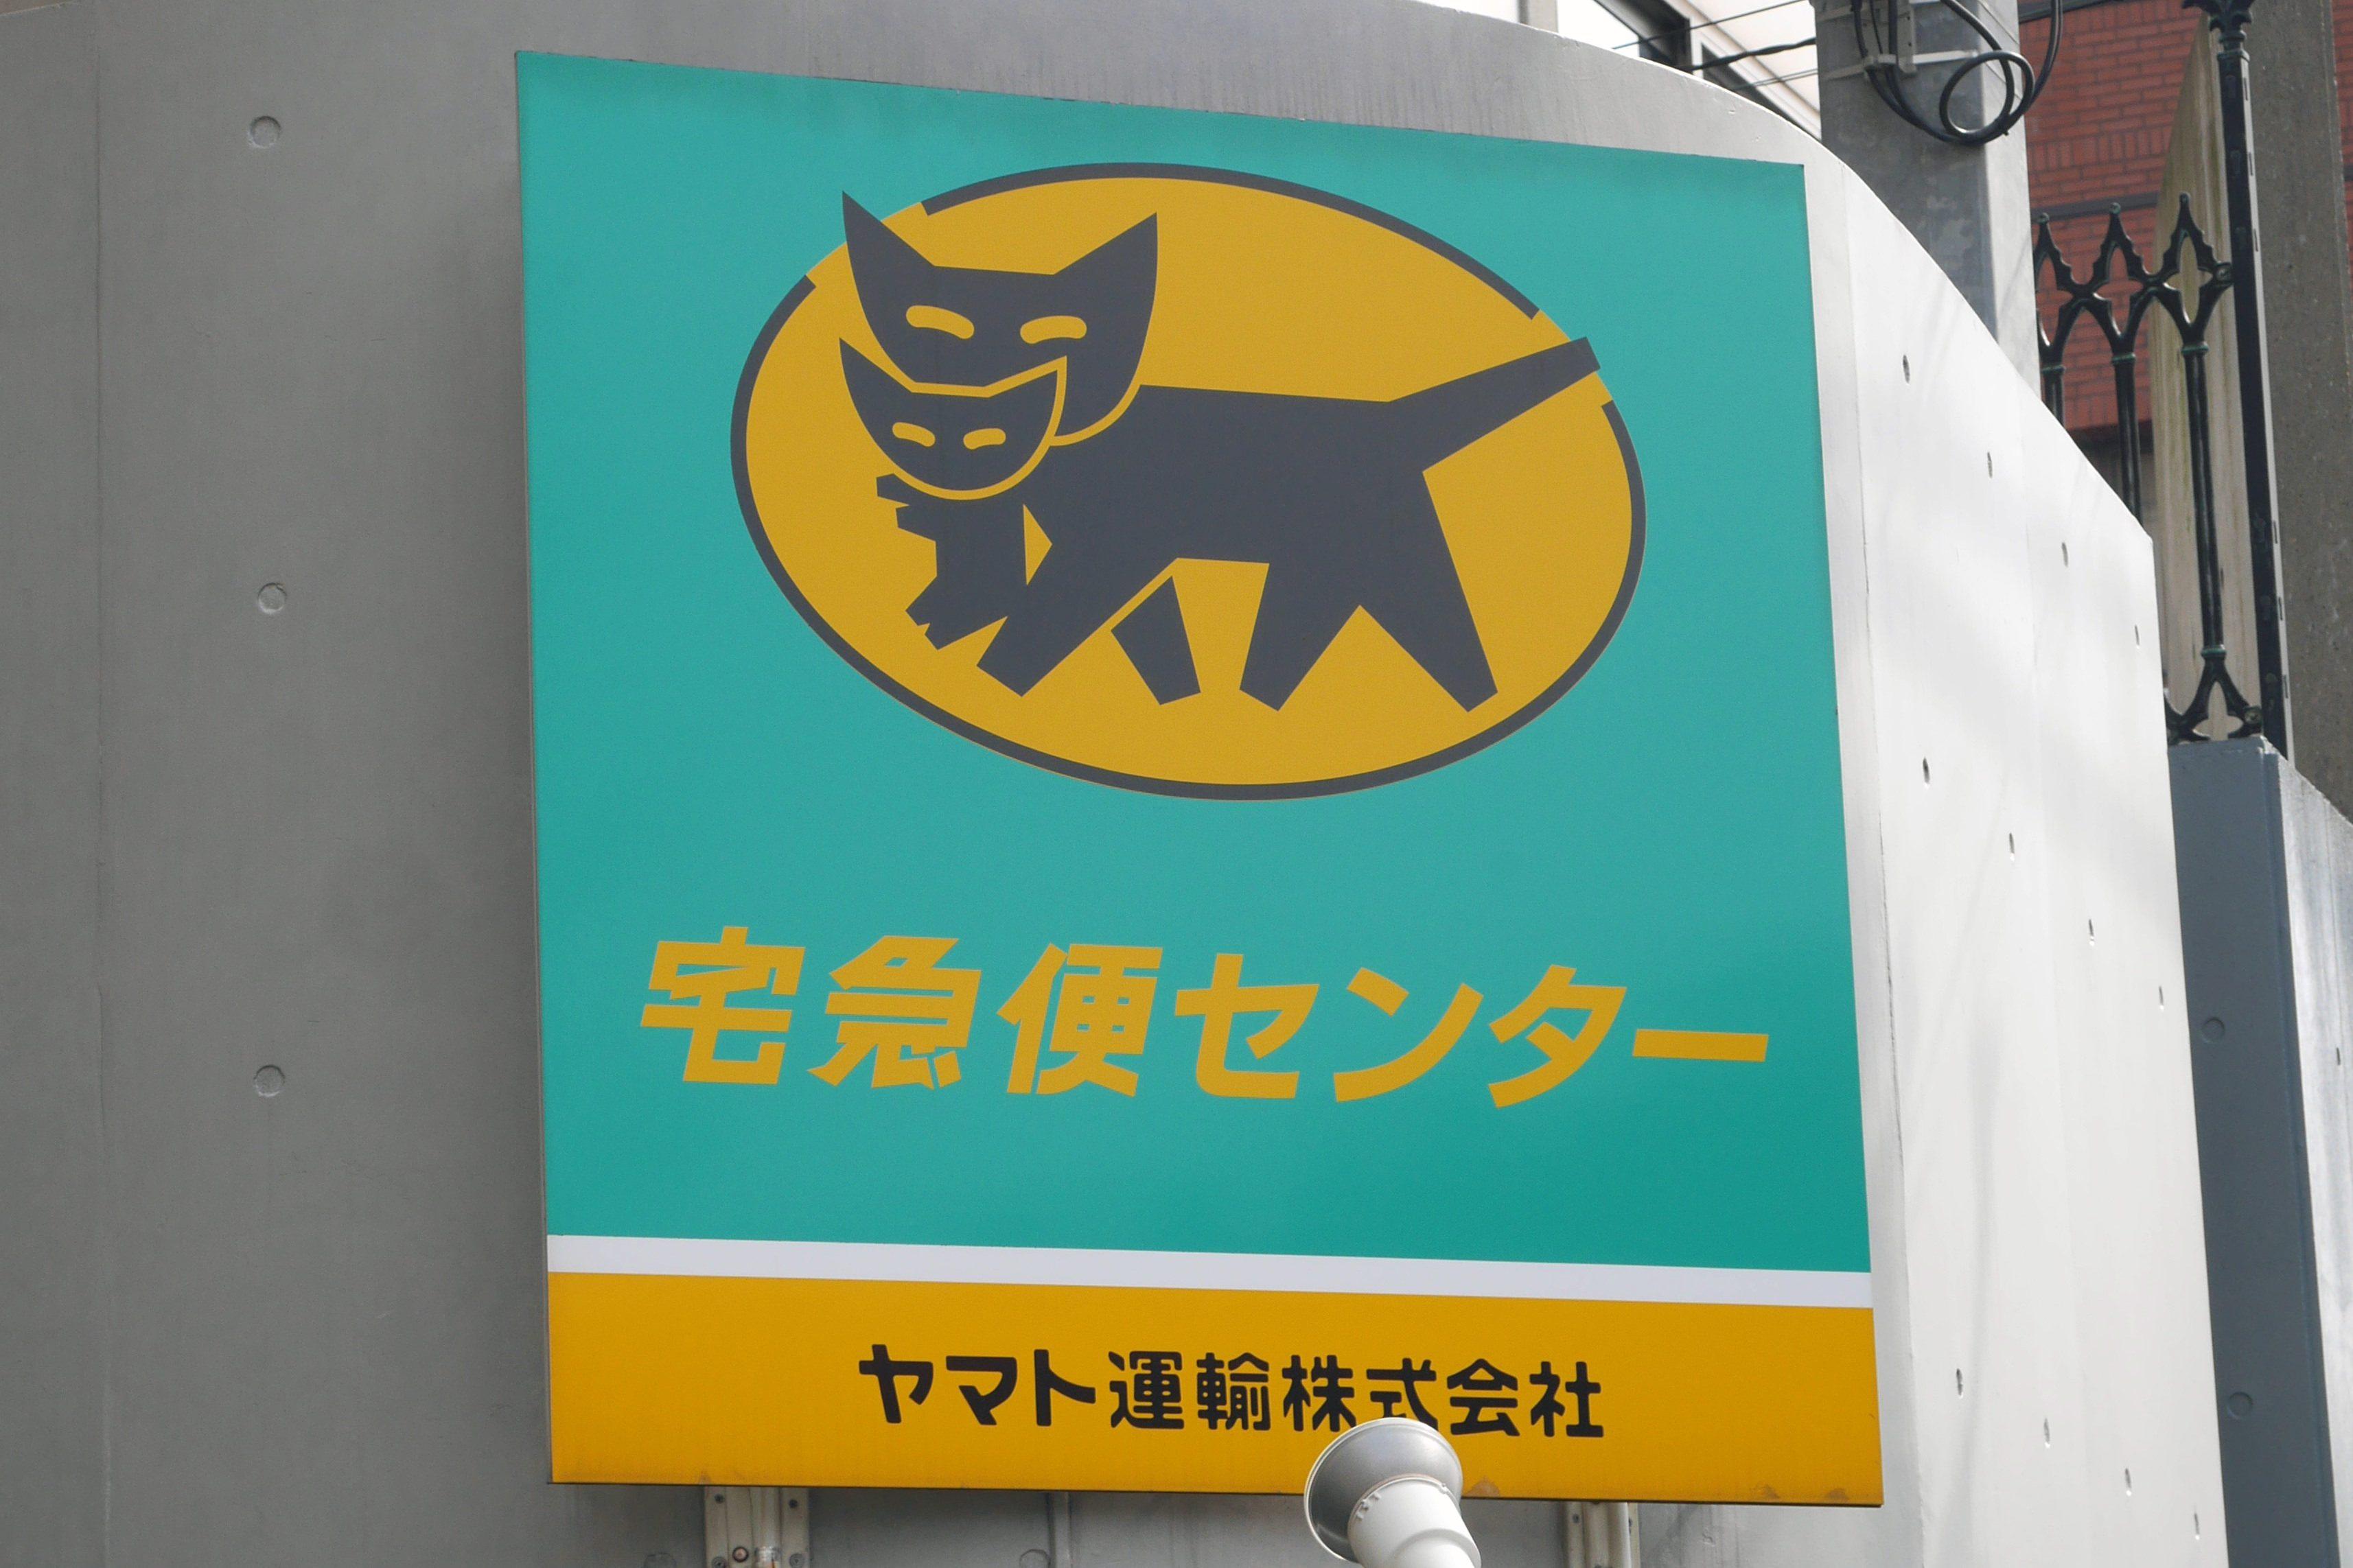 クロネコヤマト・ヤマト運輸